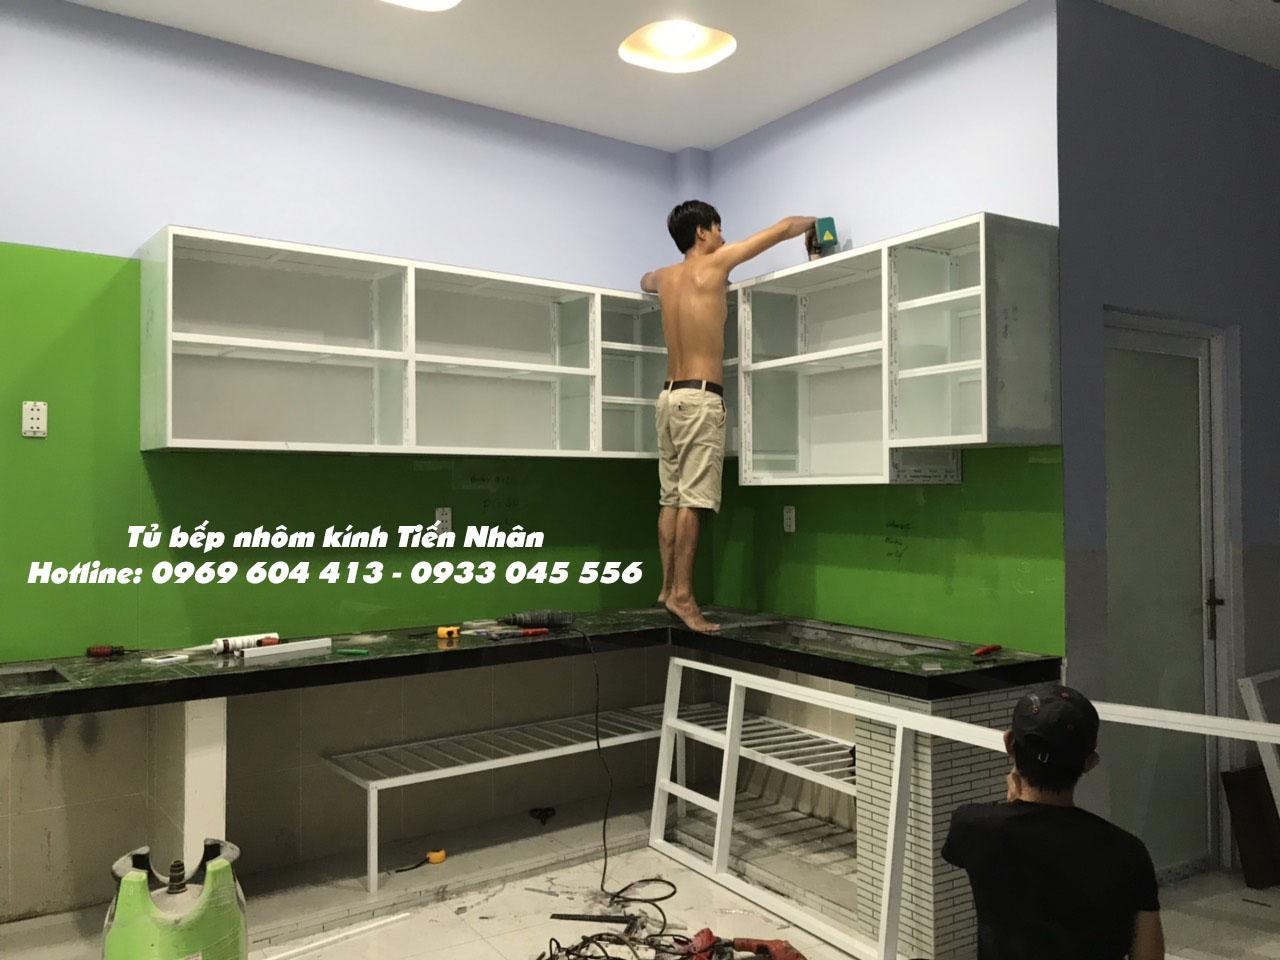 thợ đóng tủ bếp nhôm kính